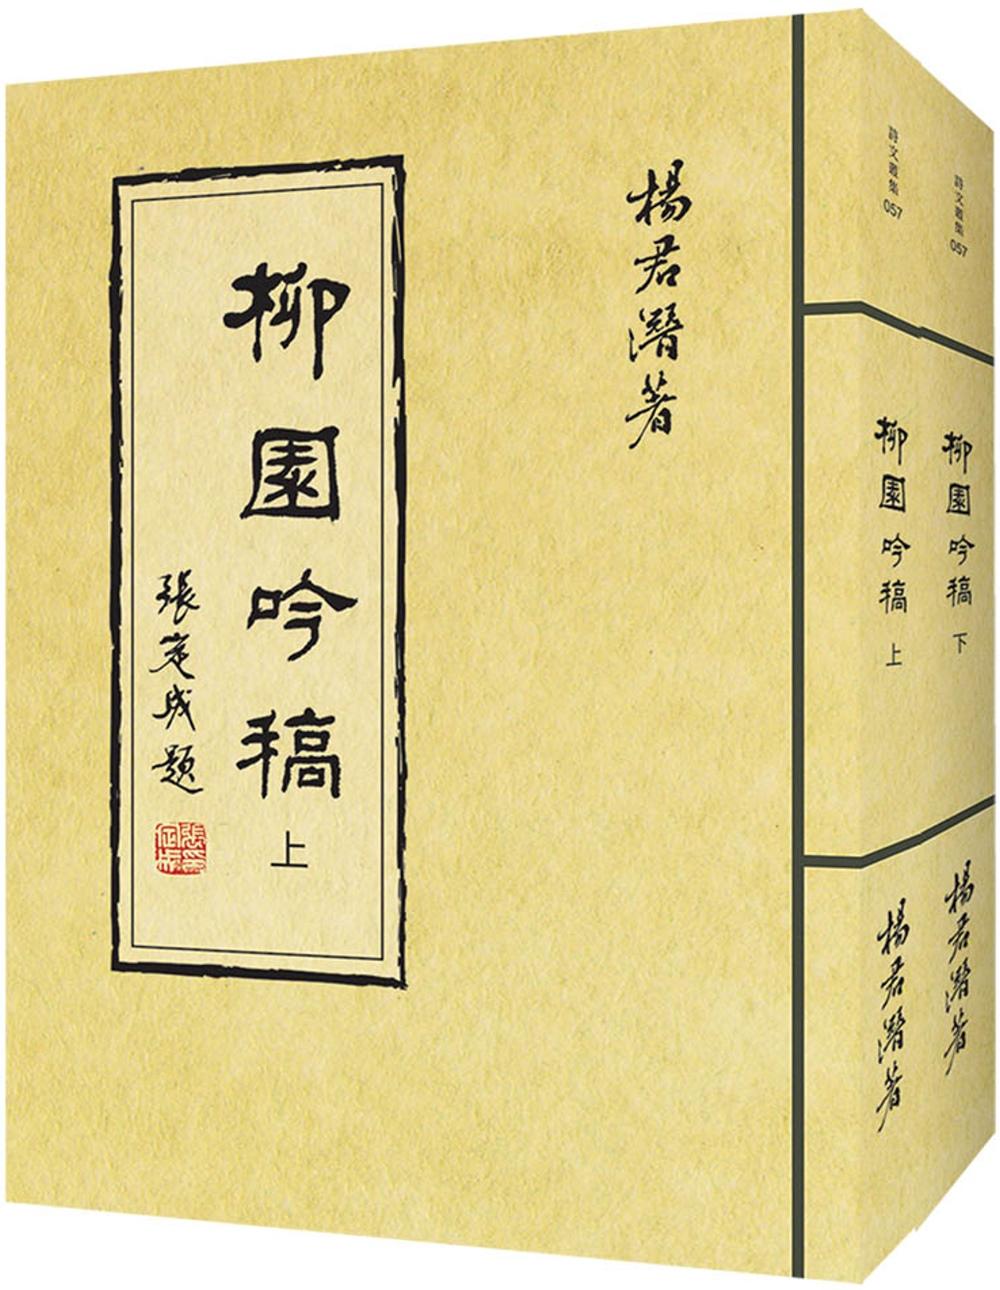 柳園吟稿(上、下冊)